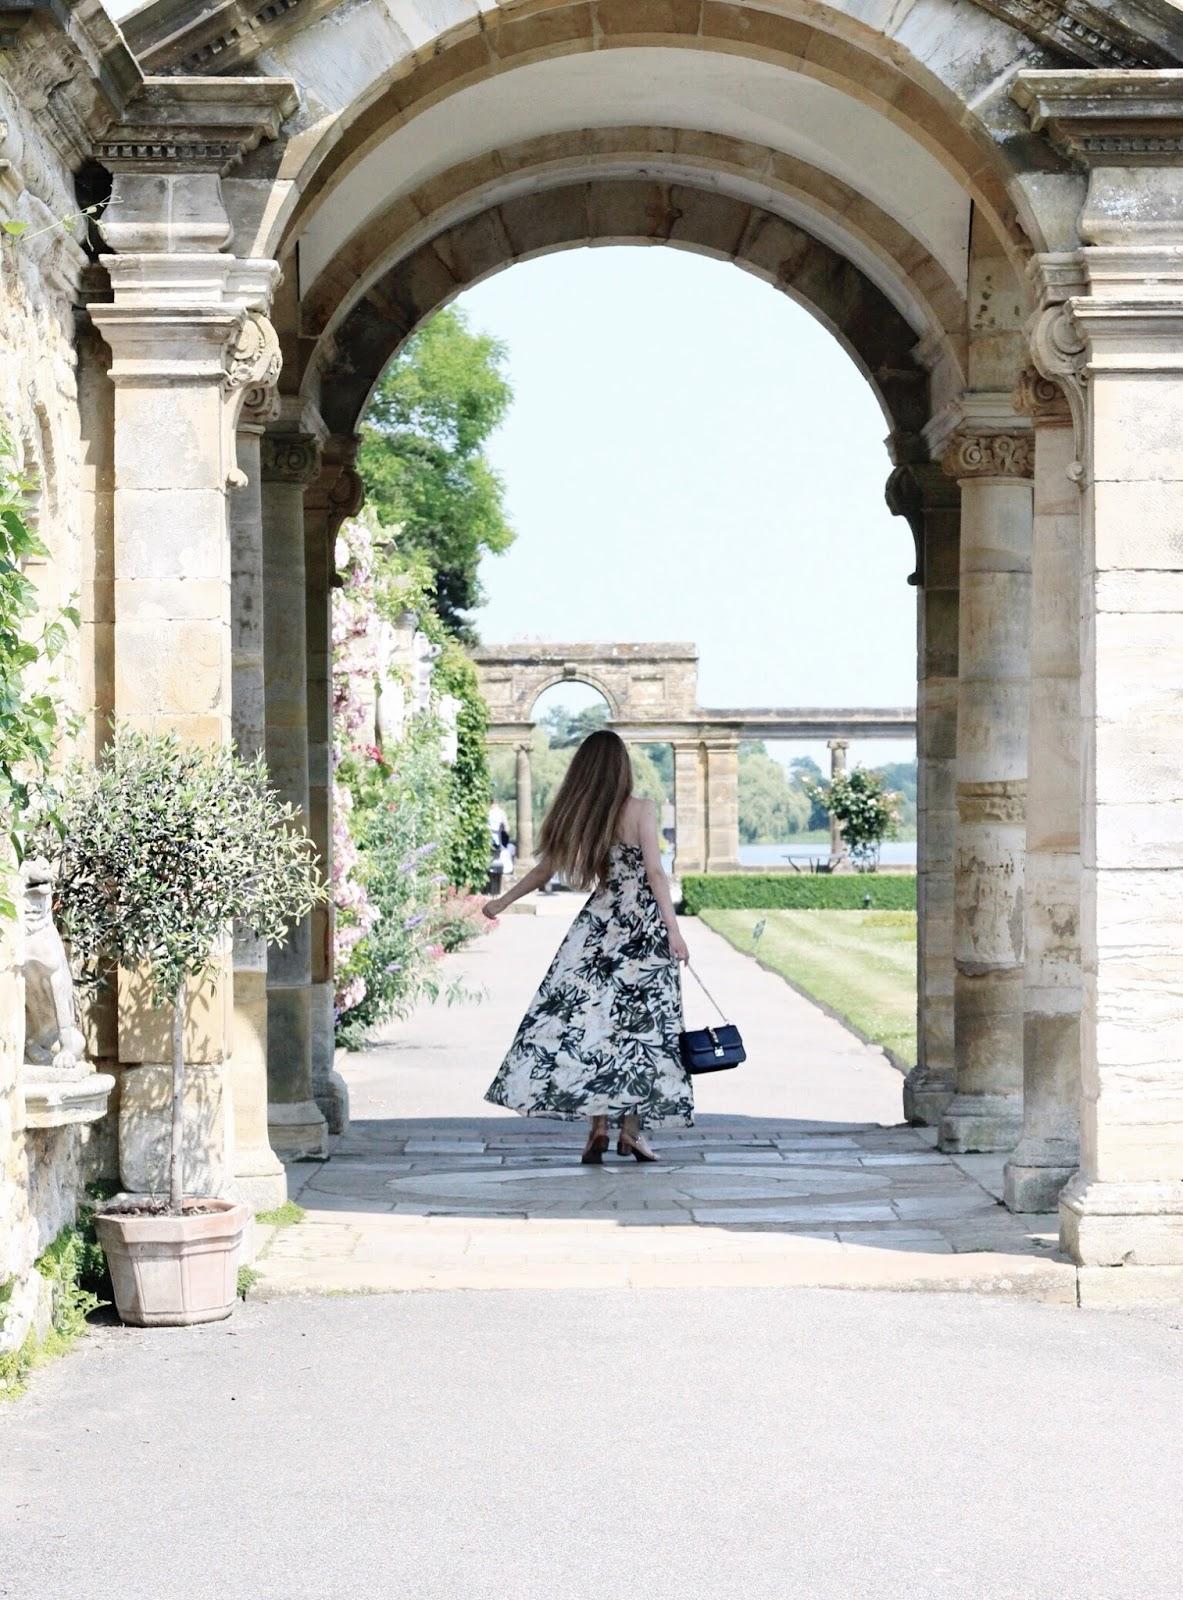 Twirling in Archway of Italian Garden